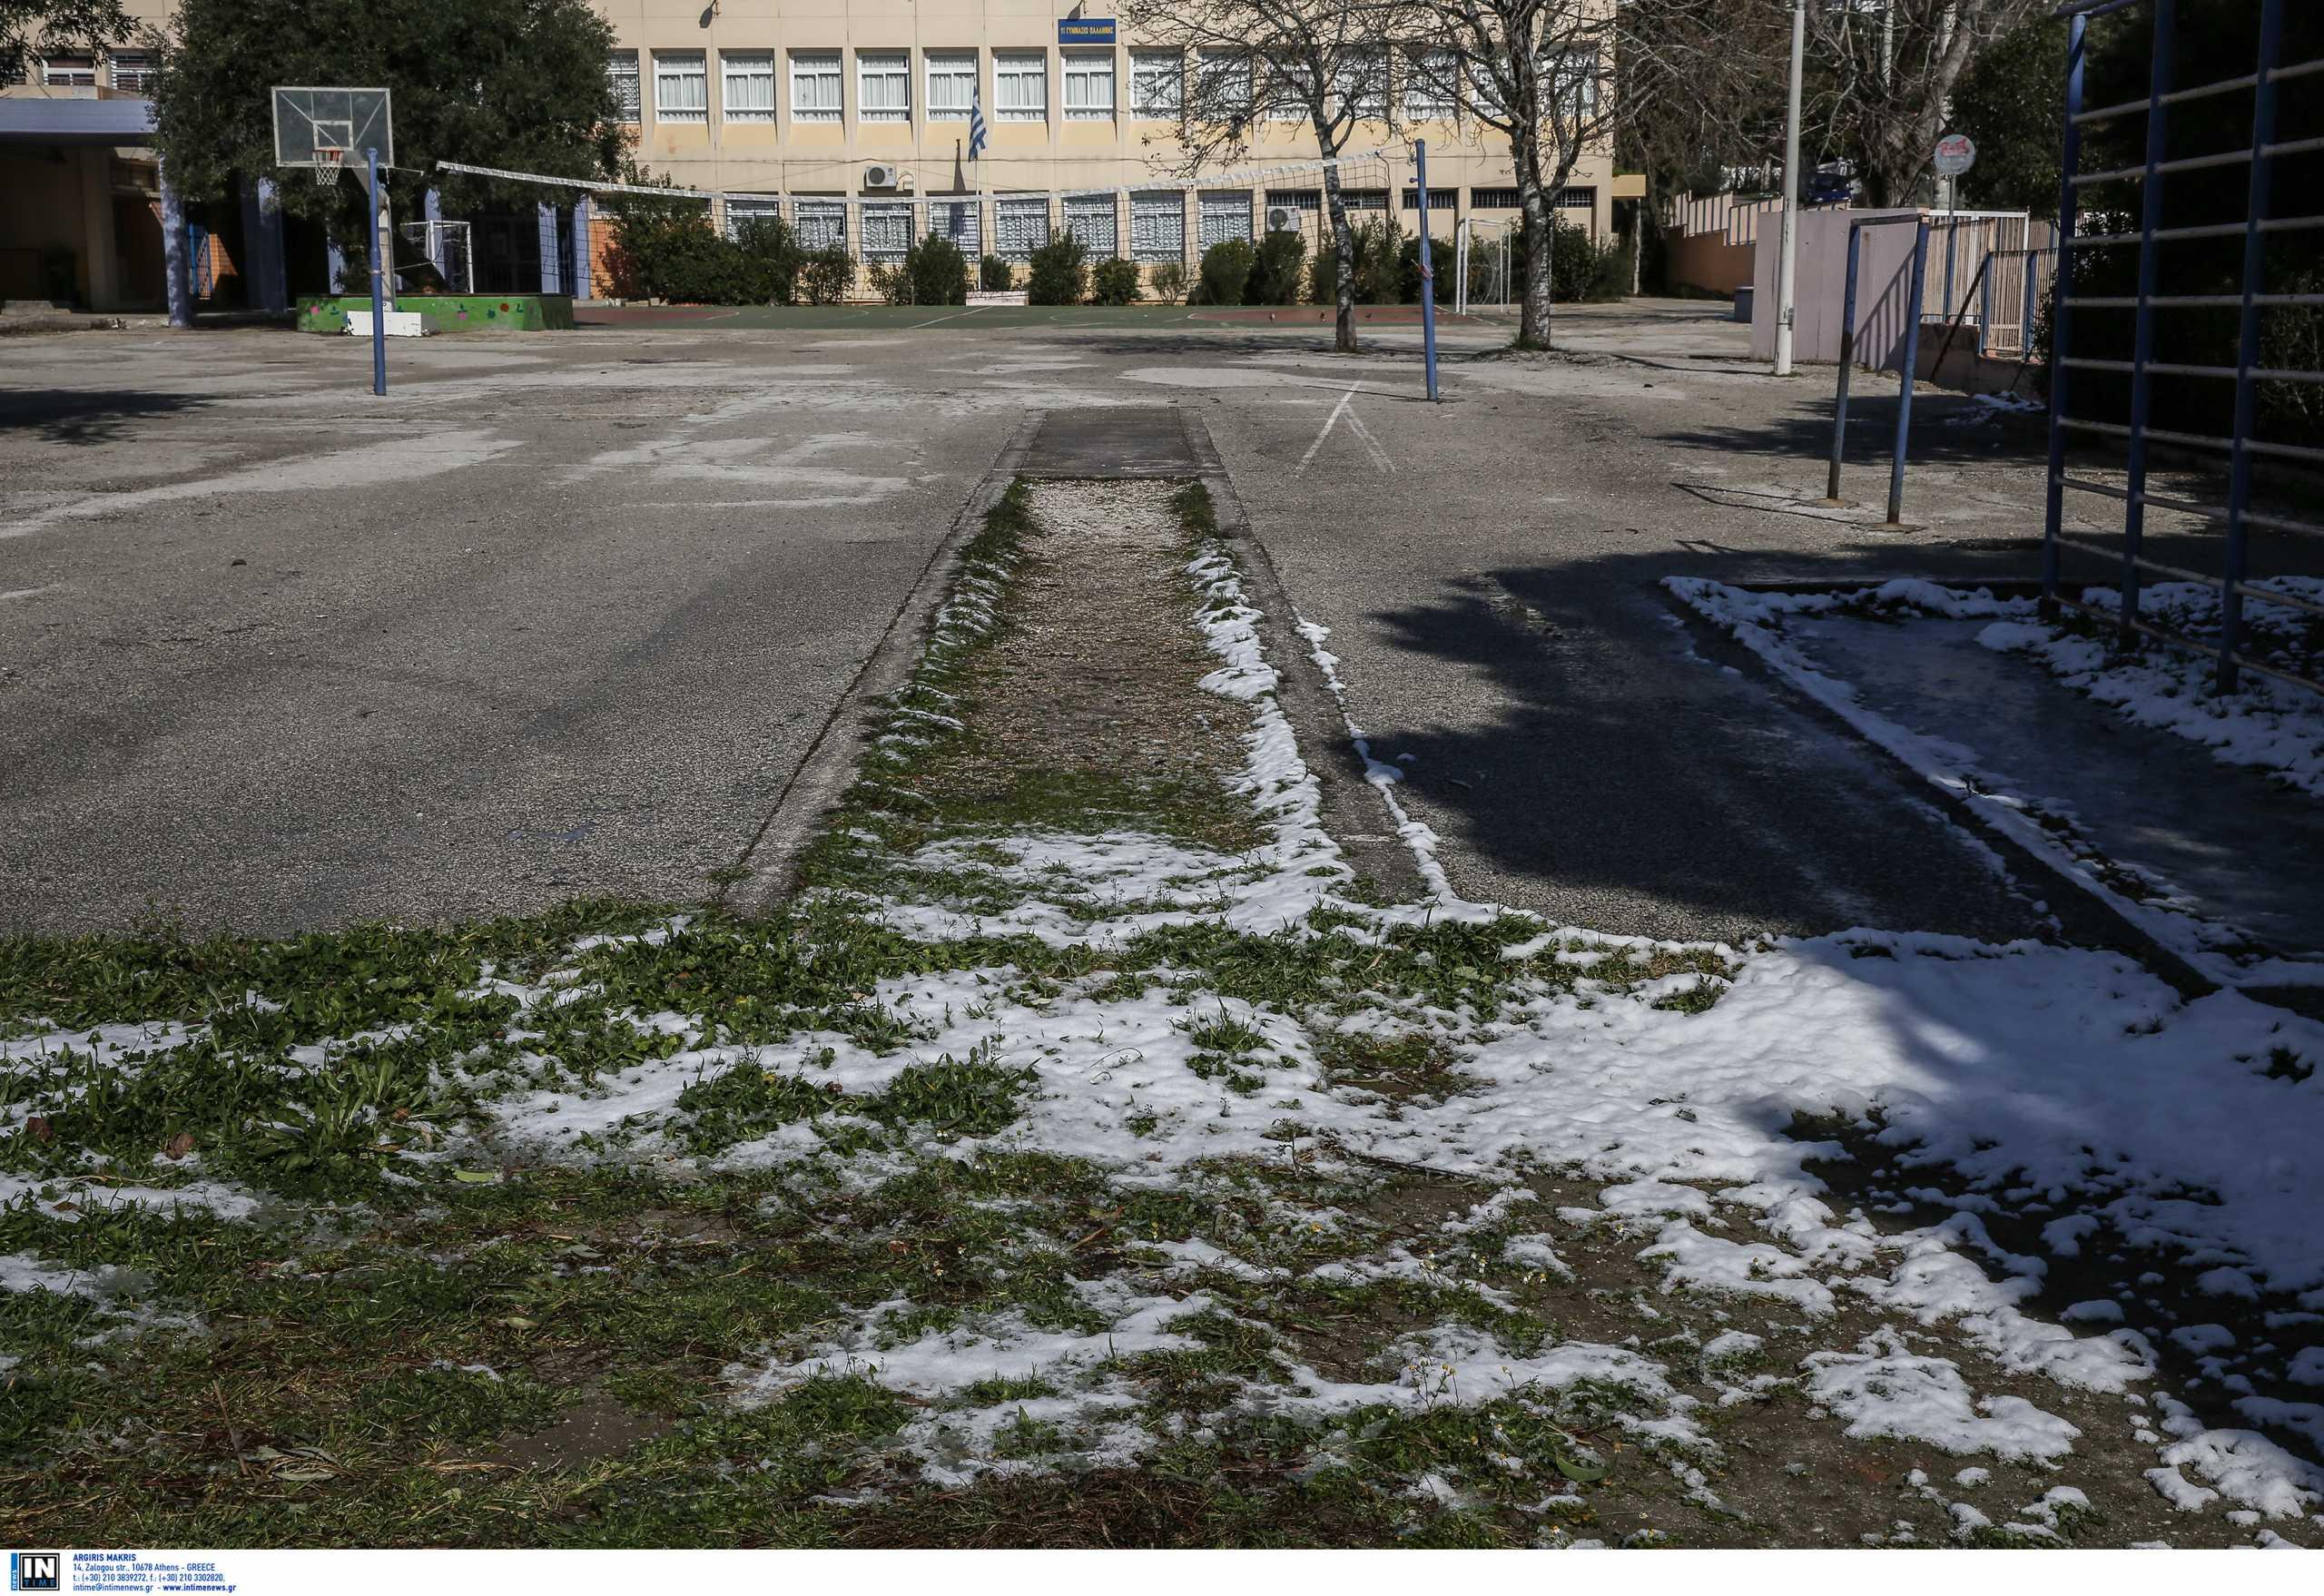 Καιρός: Κλειστά σχολεία σε πολλές περιοχές – Δείτε που… βάζει λουκέτο η Μήδεια